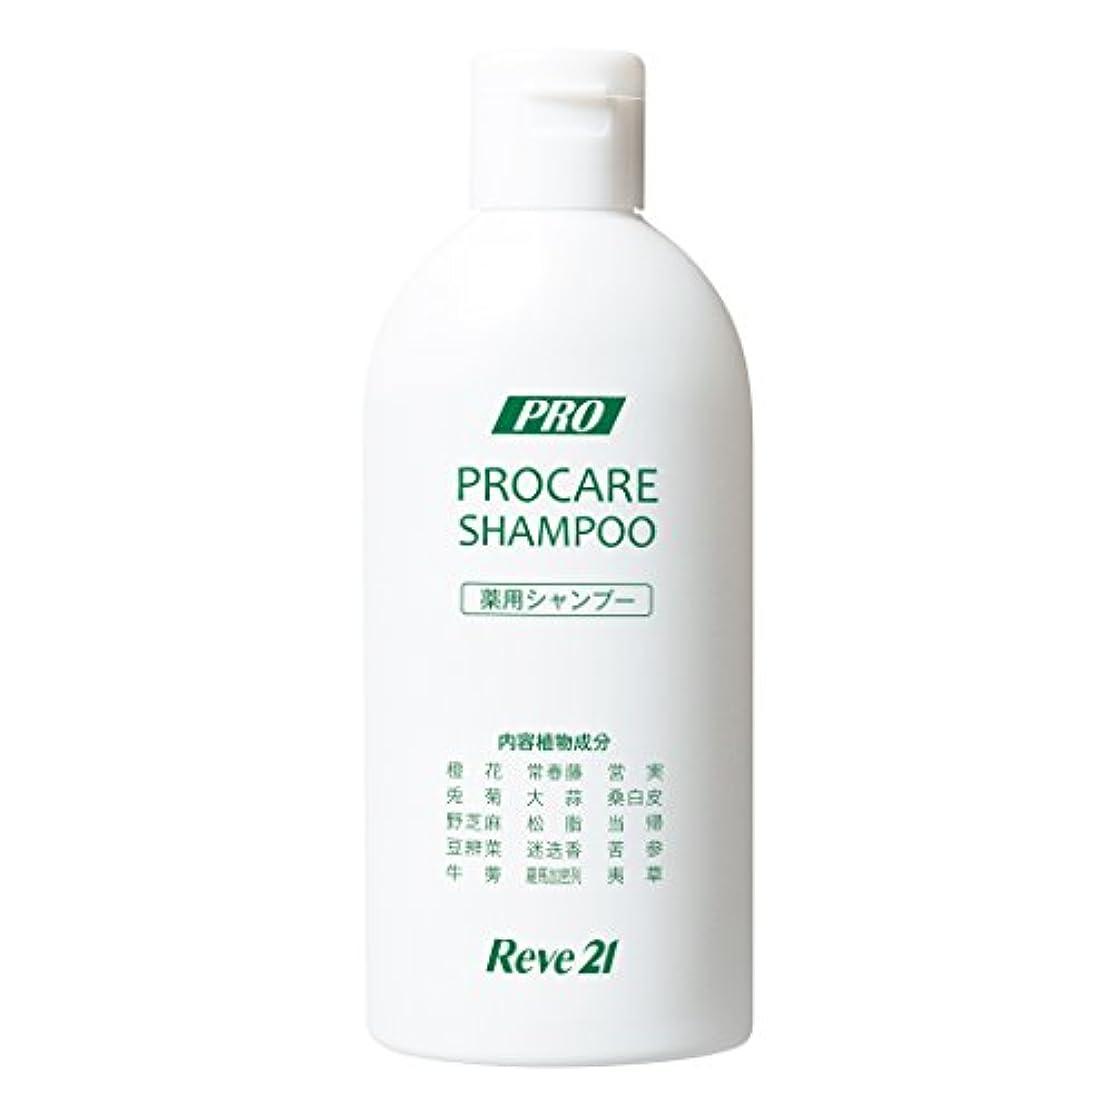 暫定の熱スカルクリーブ21 薬用プロケアシャンプー 200ml[医薬部外品] 育毛 発毛 育毛シャンプー